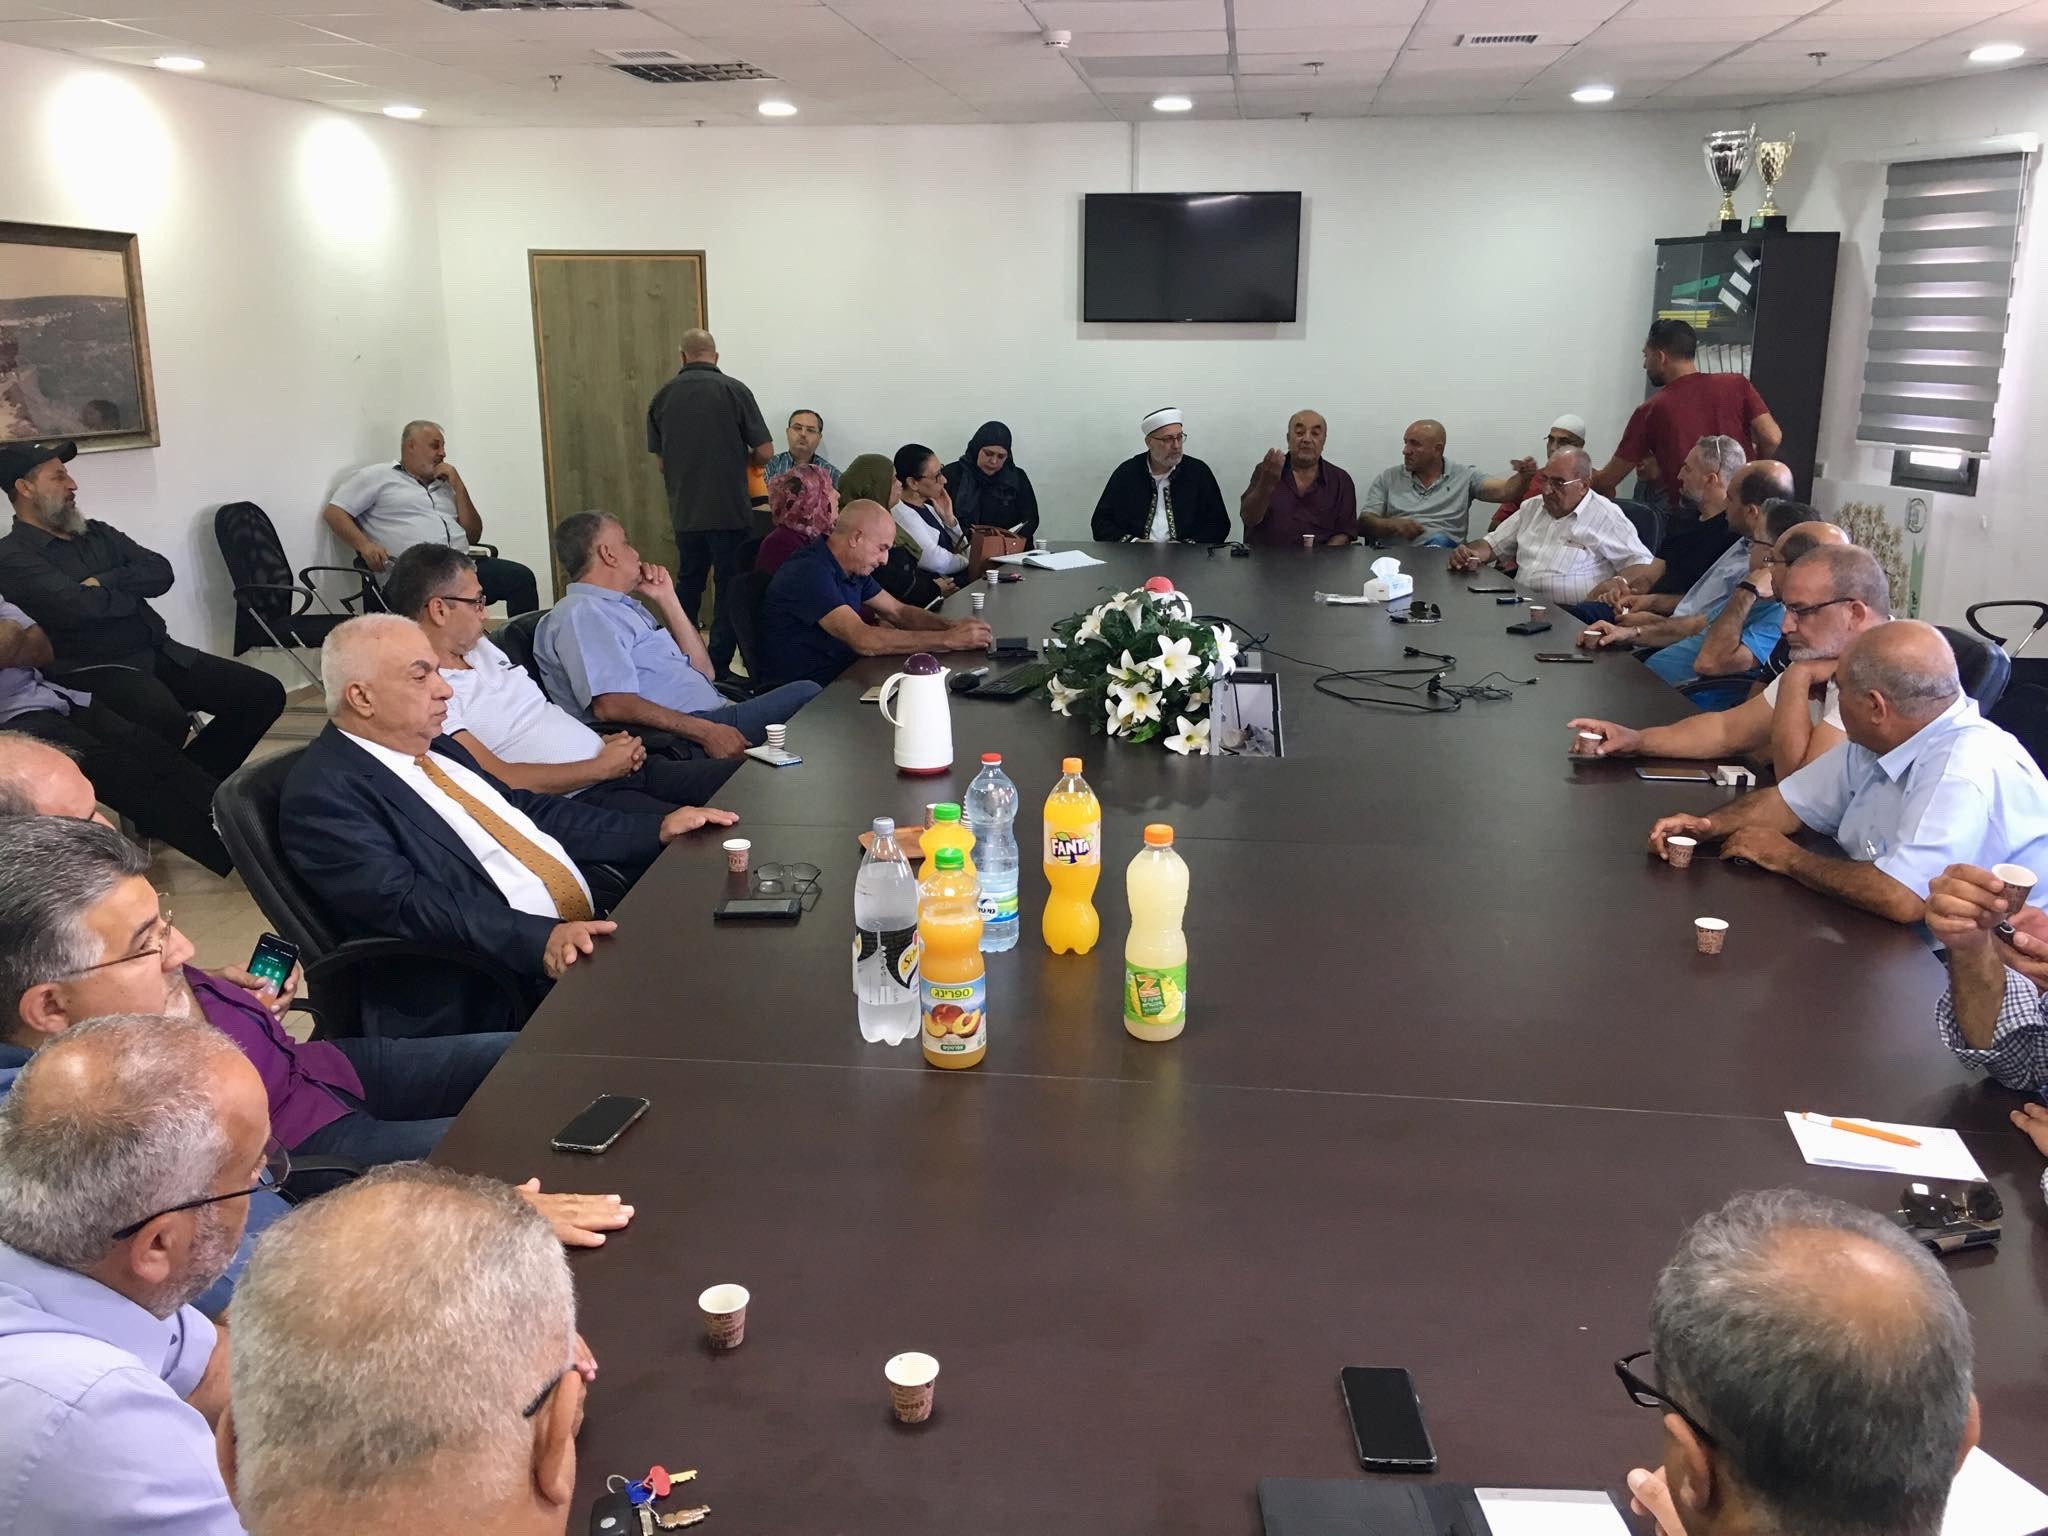 عرعرة - عارة: مظاهرة وأضراب عقب جريمة القتل-4